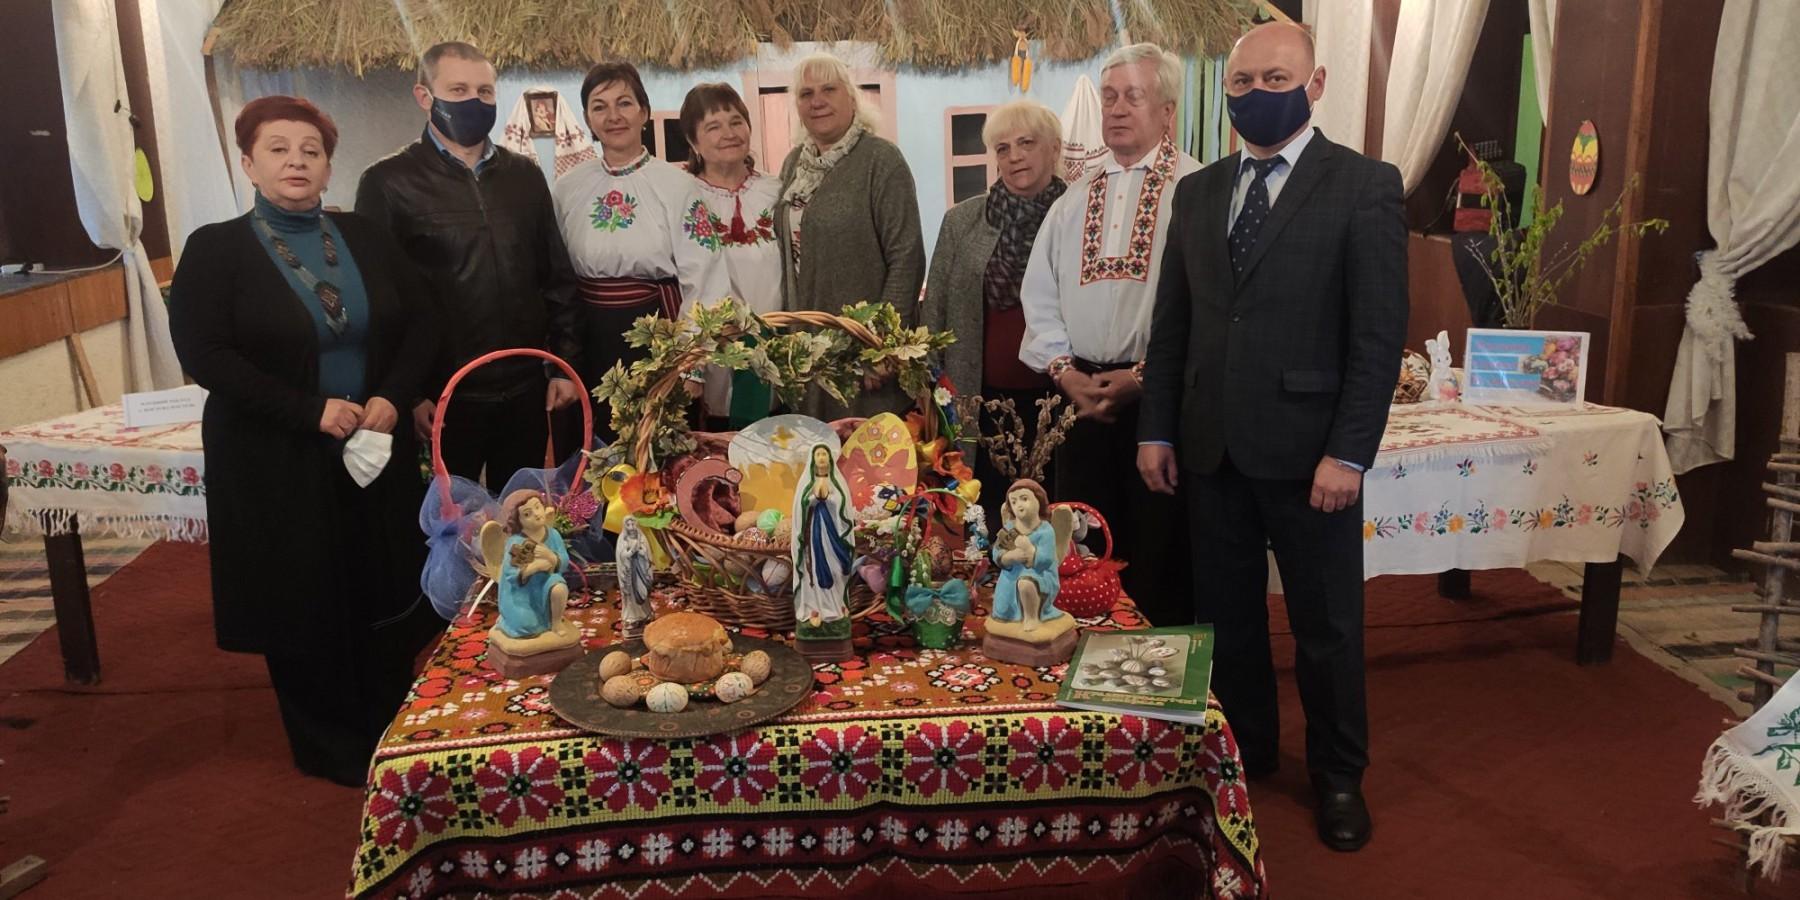 Відкриття виставки пасхальної атрибутики у закладах культури територіальної громади